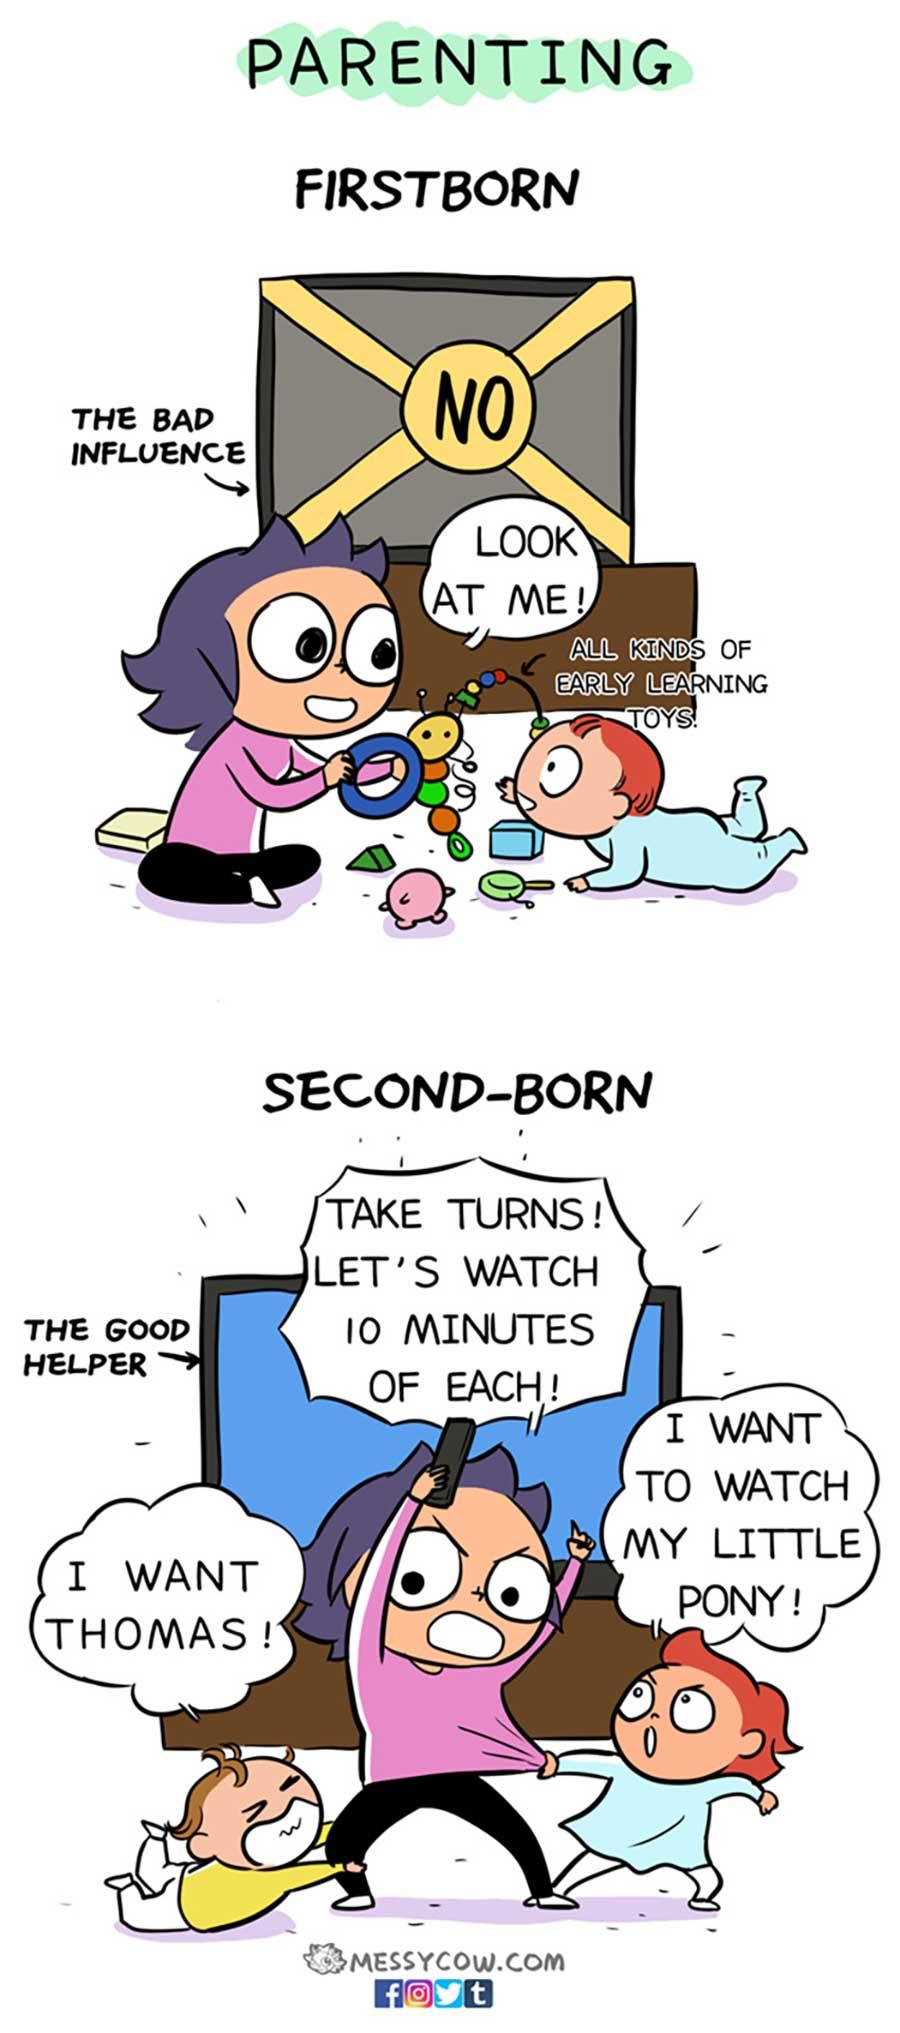 Erstes vs. zweites Kind erstgeborenes-vs-zweites-kind_messy-cow_08